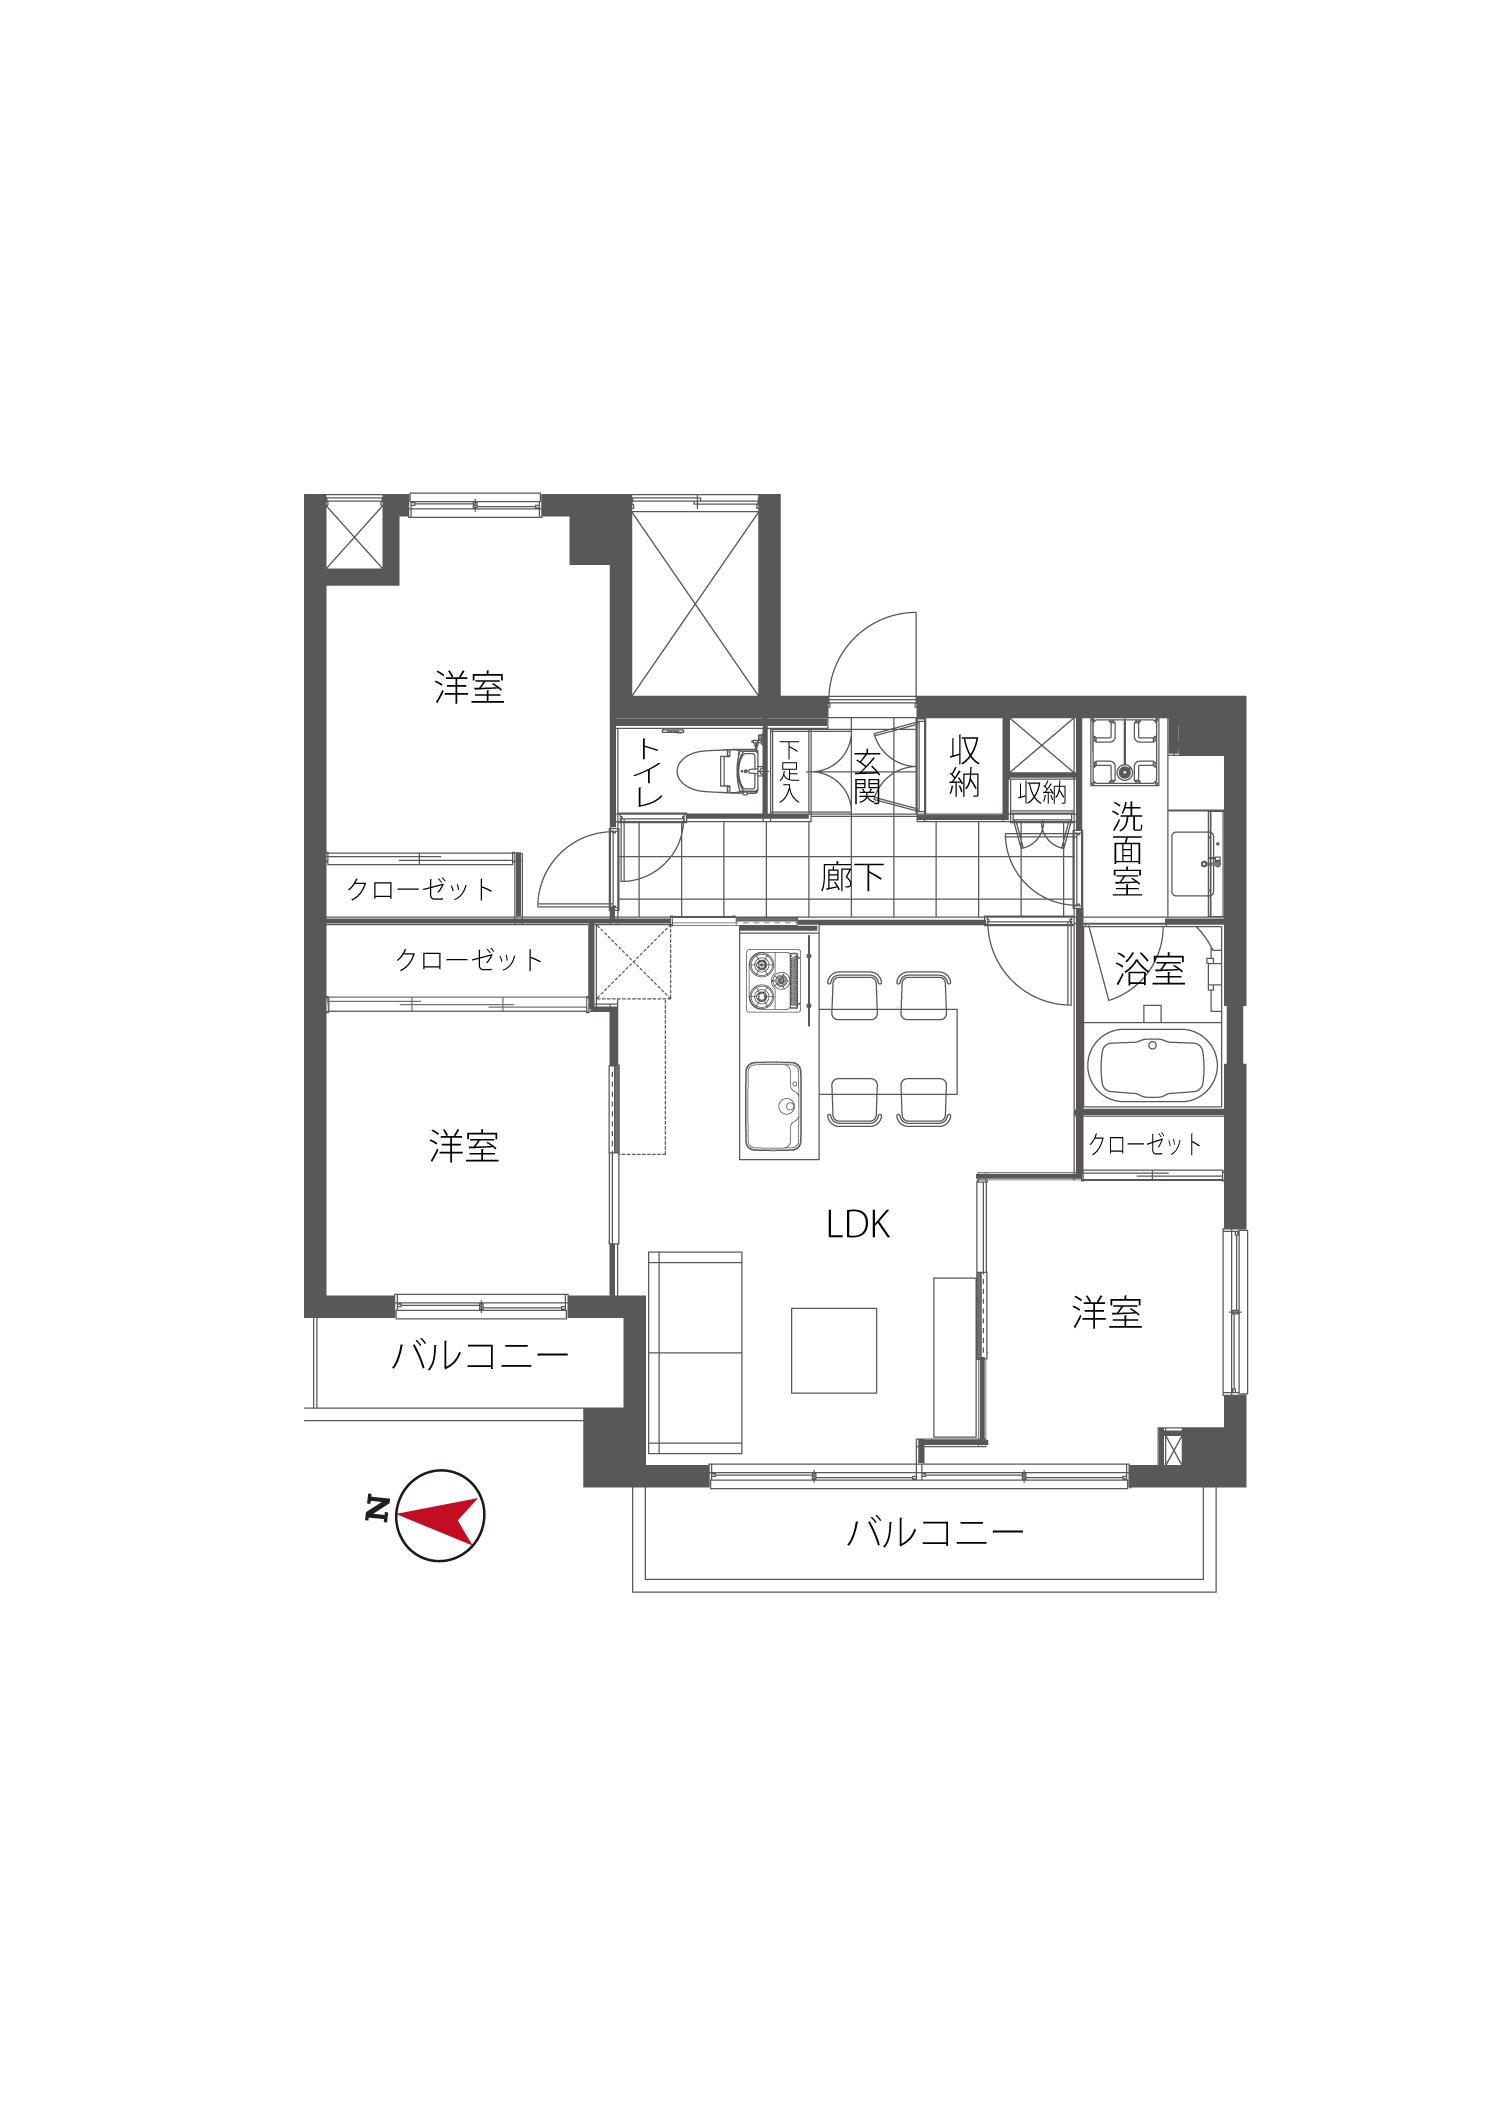 中野坂上 最上階角部屋でストレスフリー 間取り図